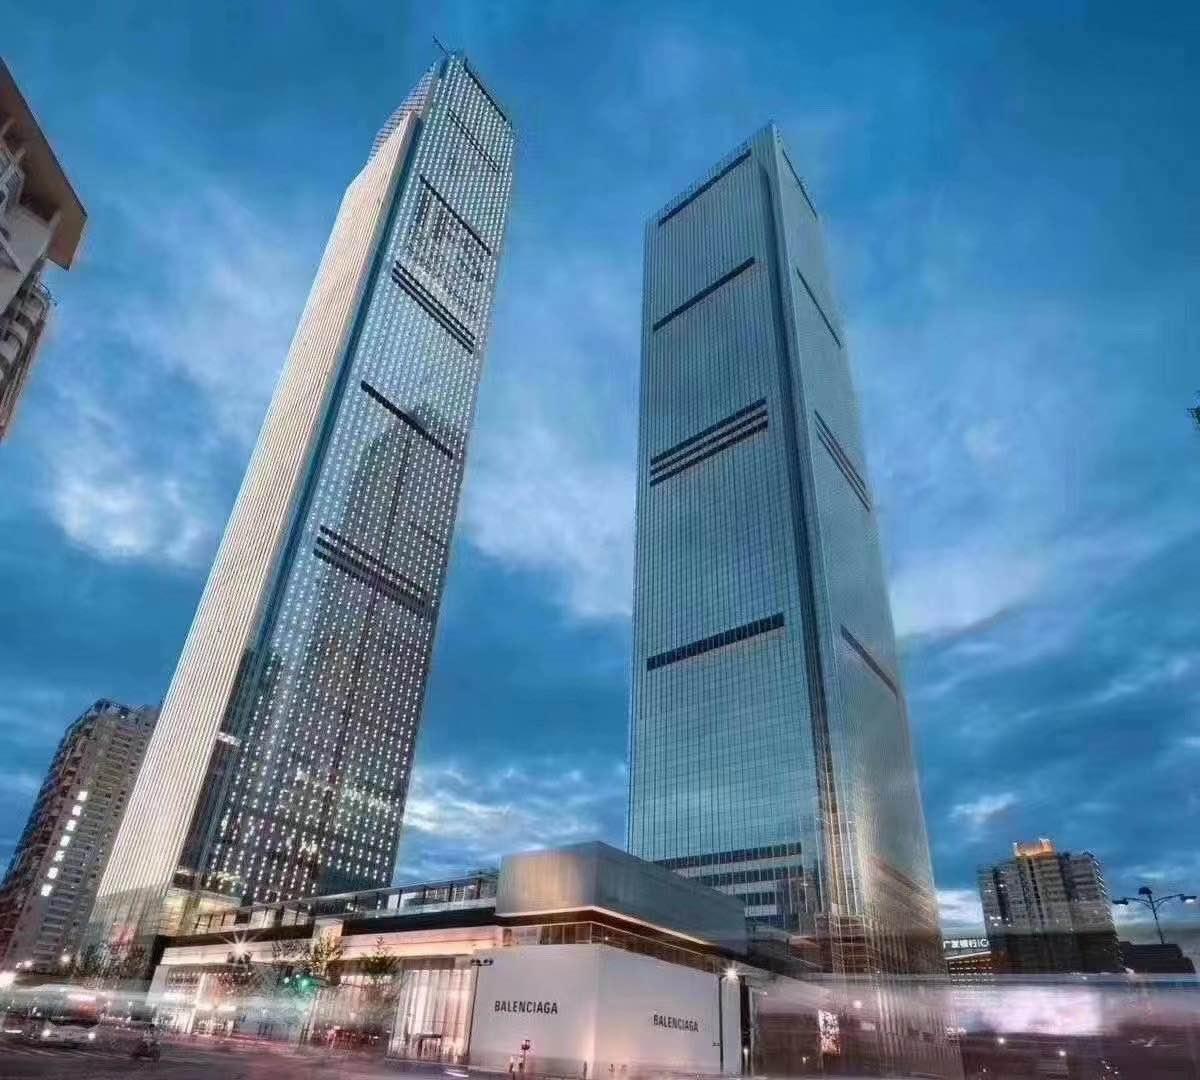 五一广场双地铁口 长沙地标 IFS国金中心 现代化装修 面积可选